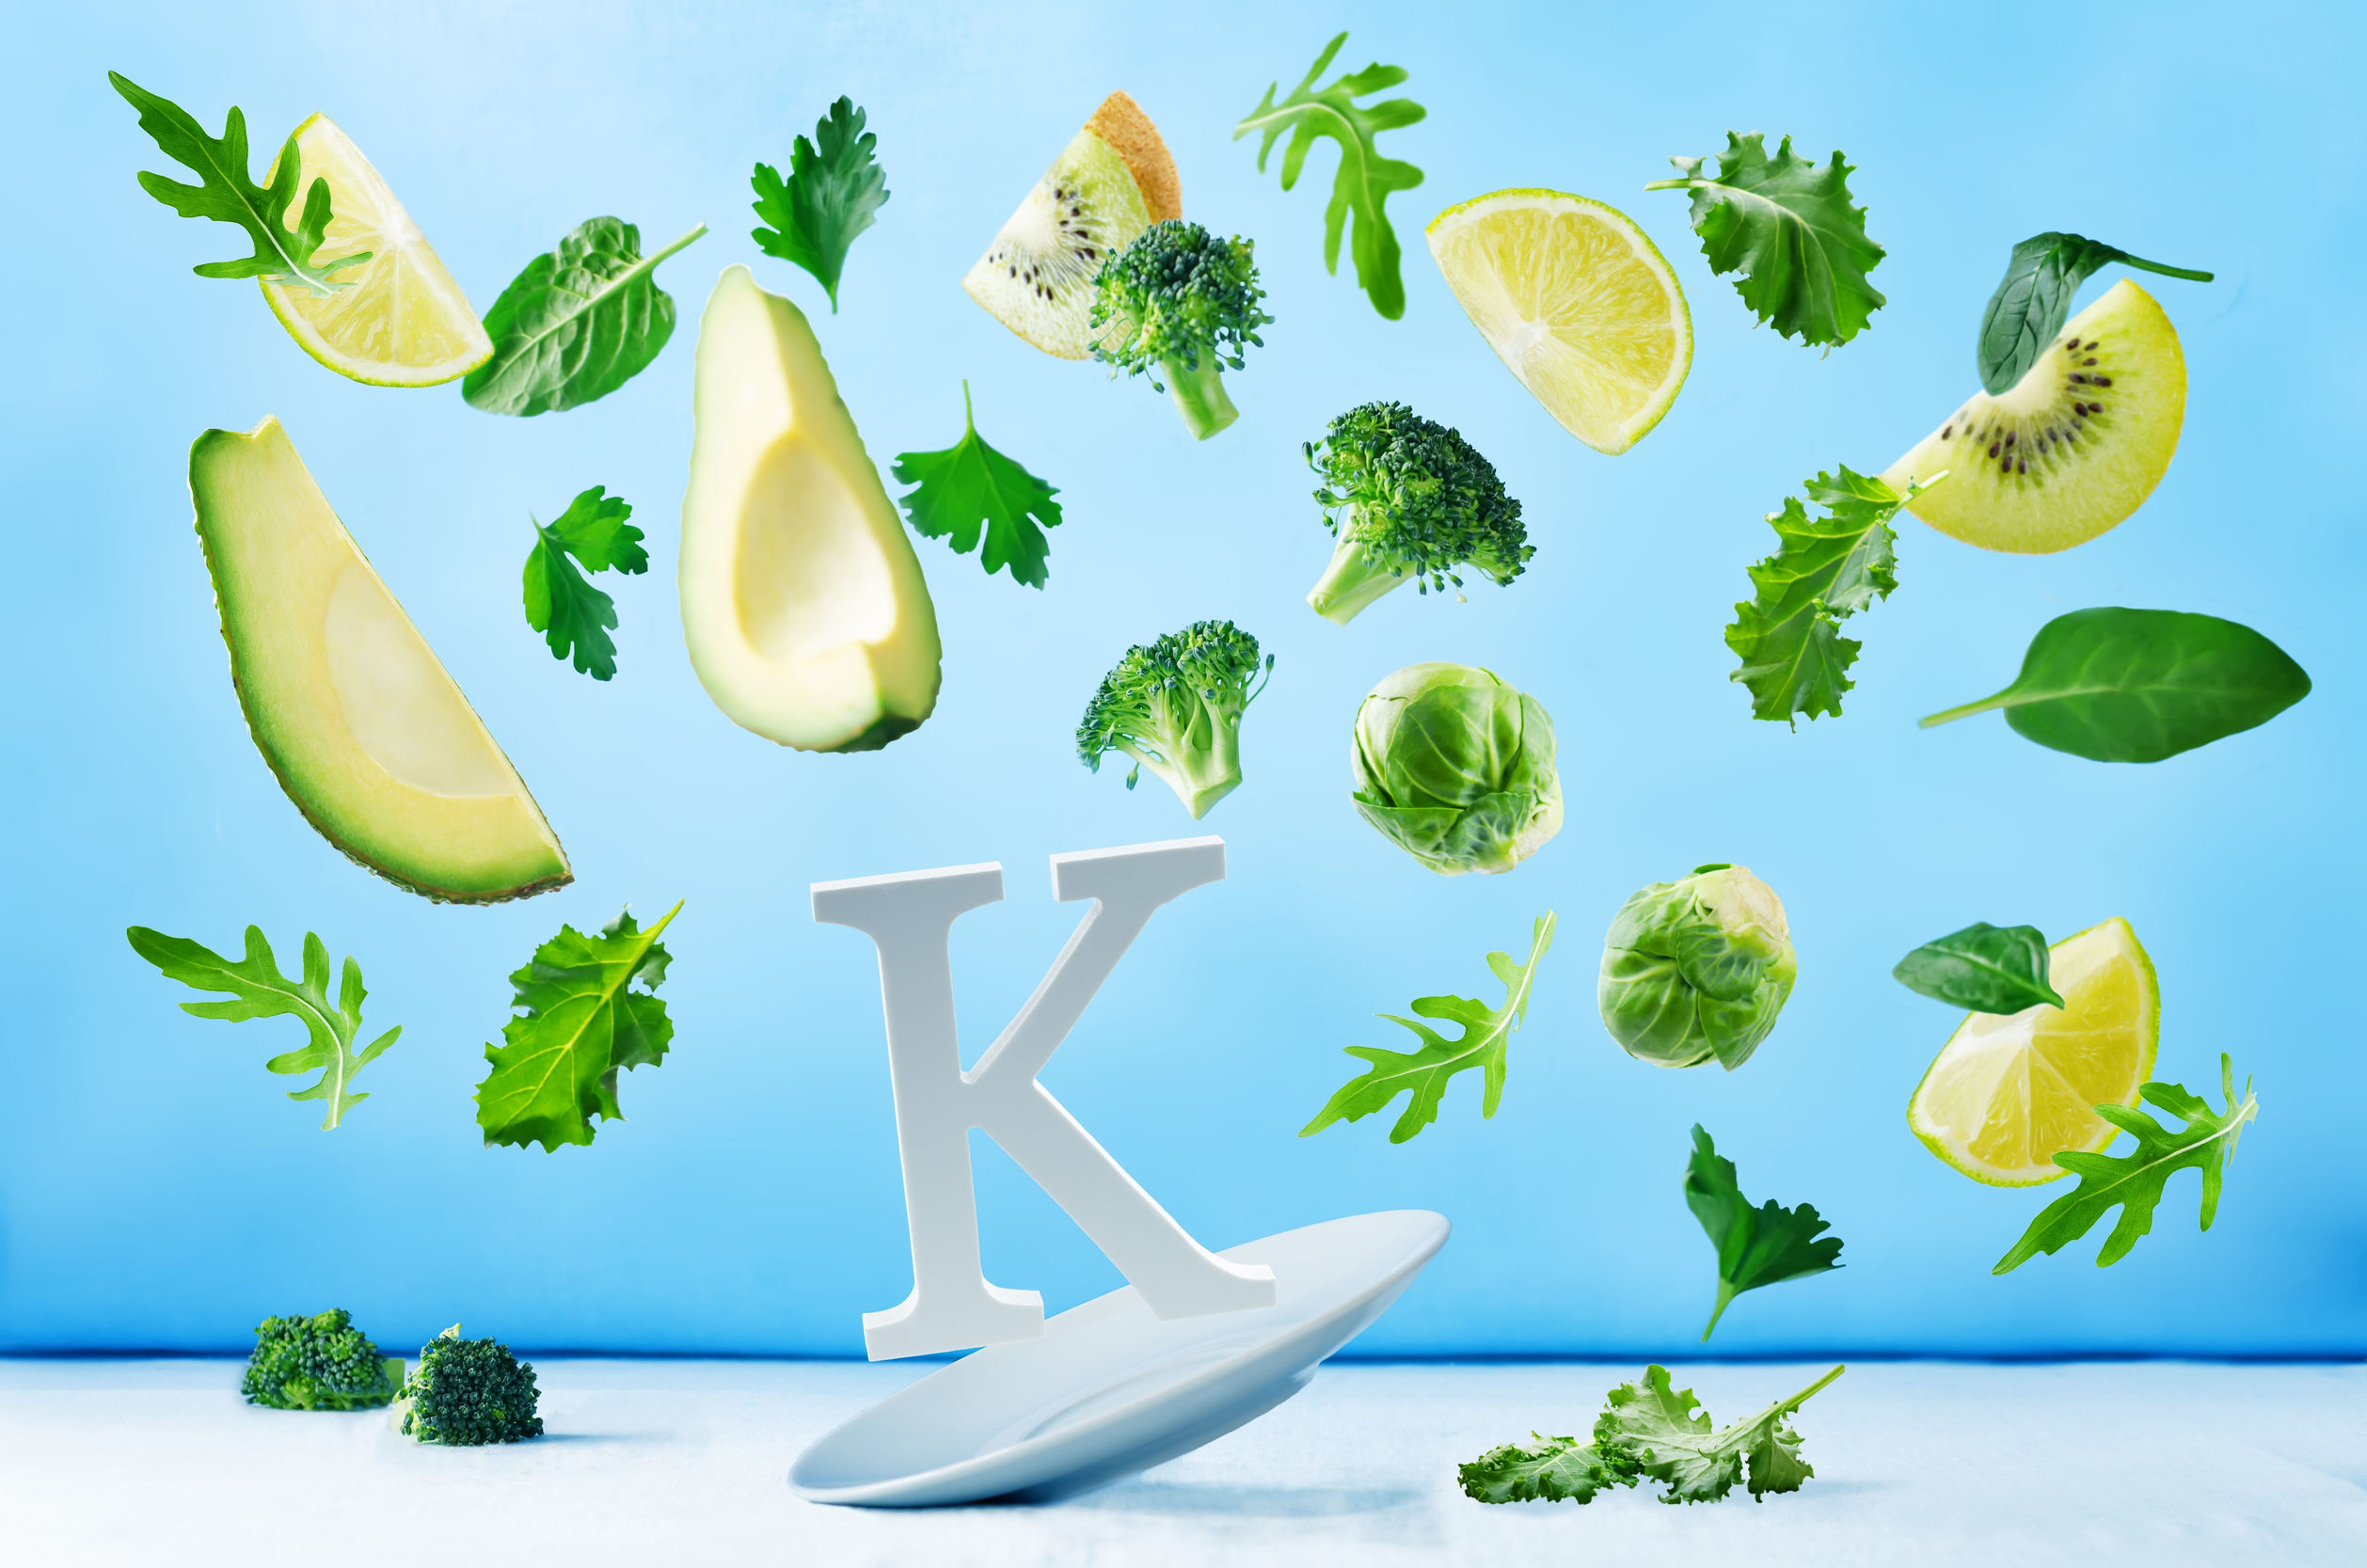 voedingsmiddelen die rijk zijn aan vitamine k